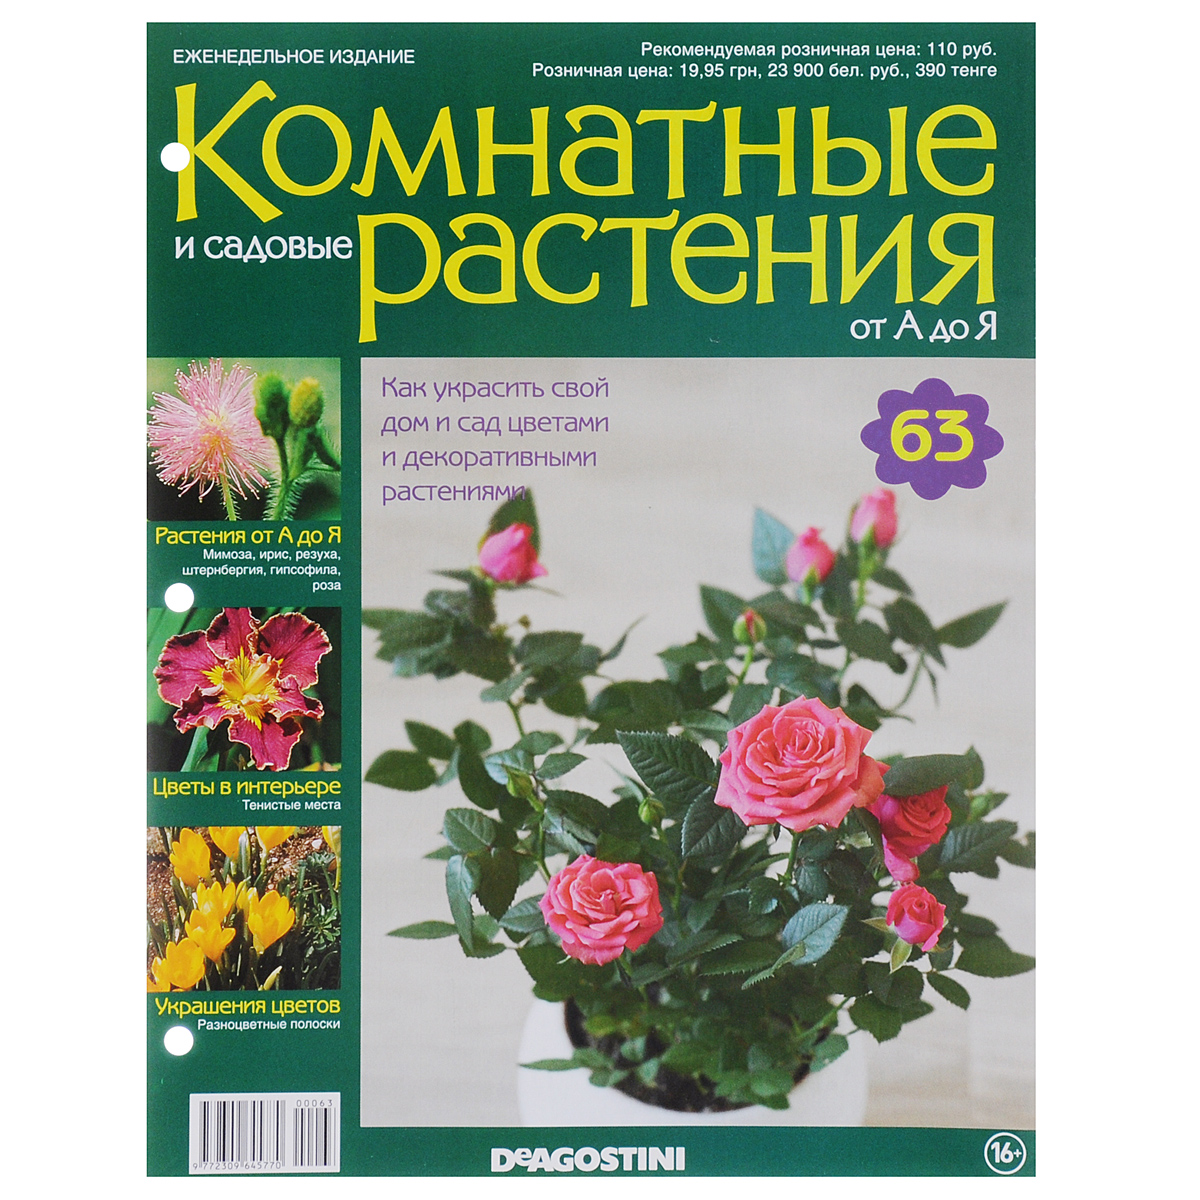 Журнал Комнатные и садовые растения. От А до Я №63 математика для дошкольников от а до я